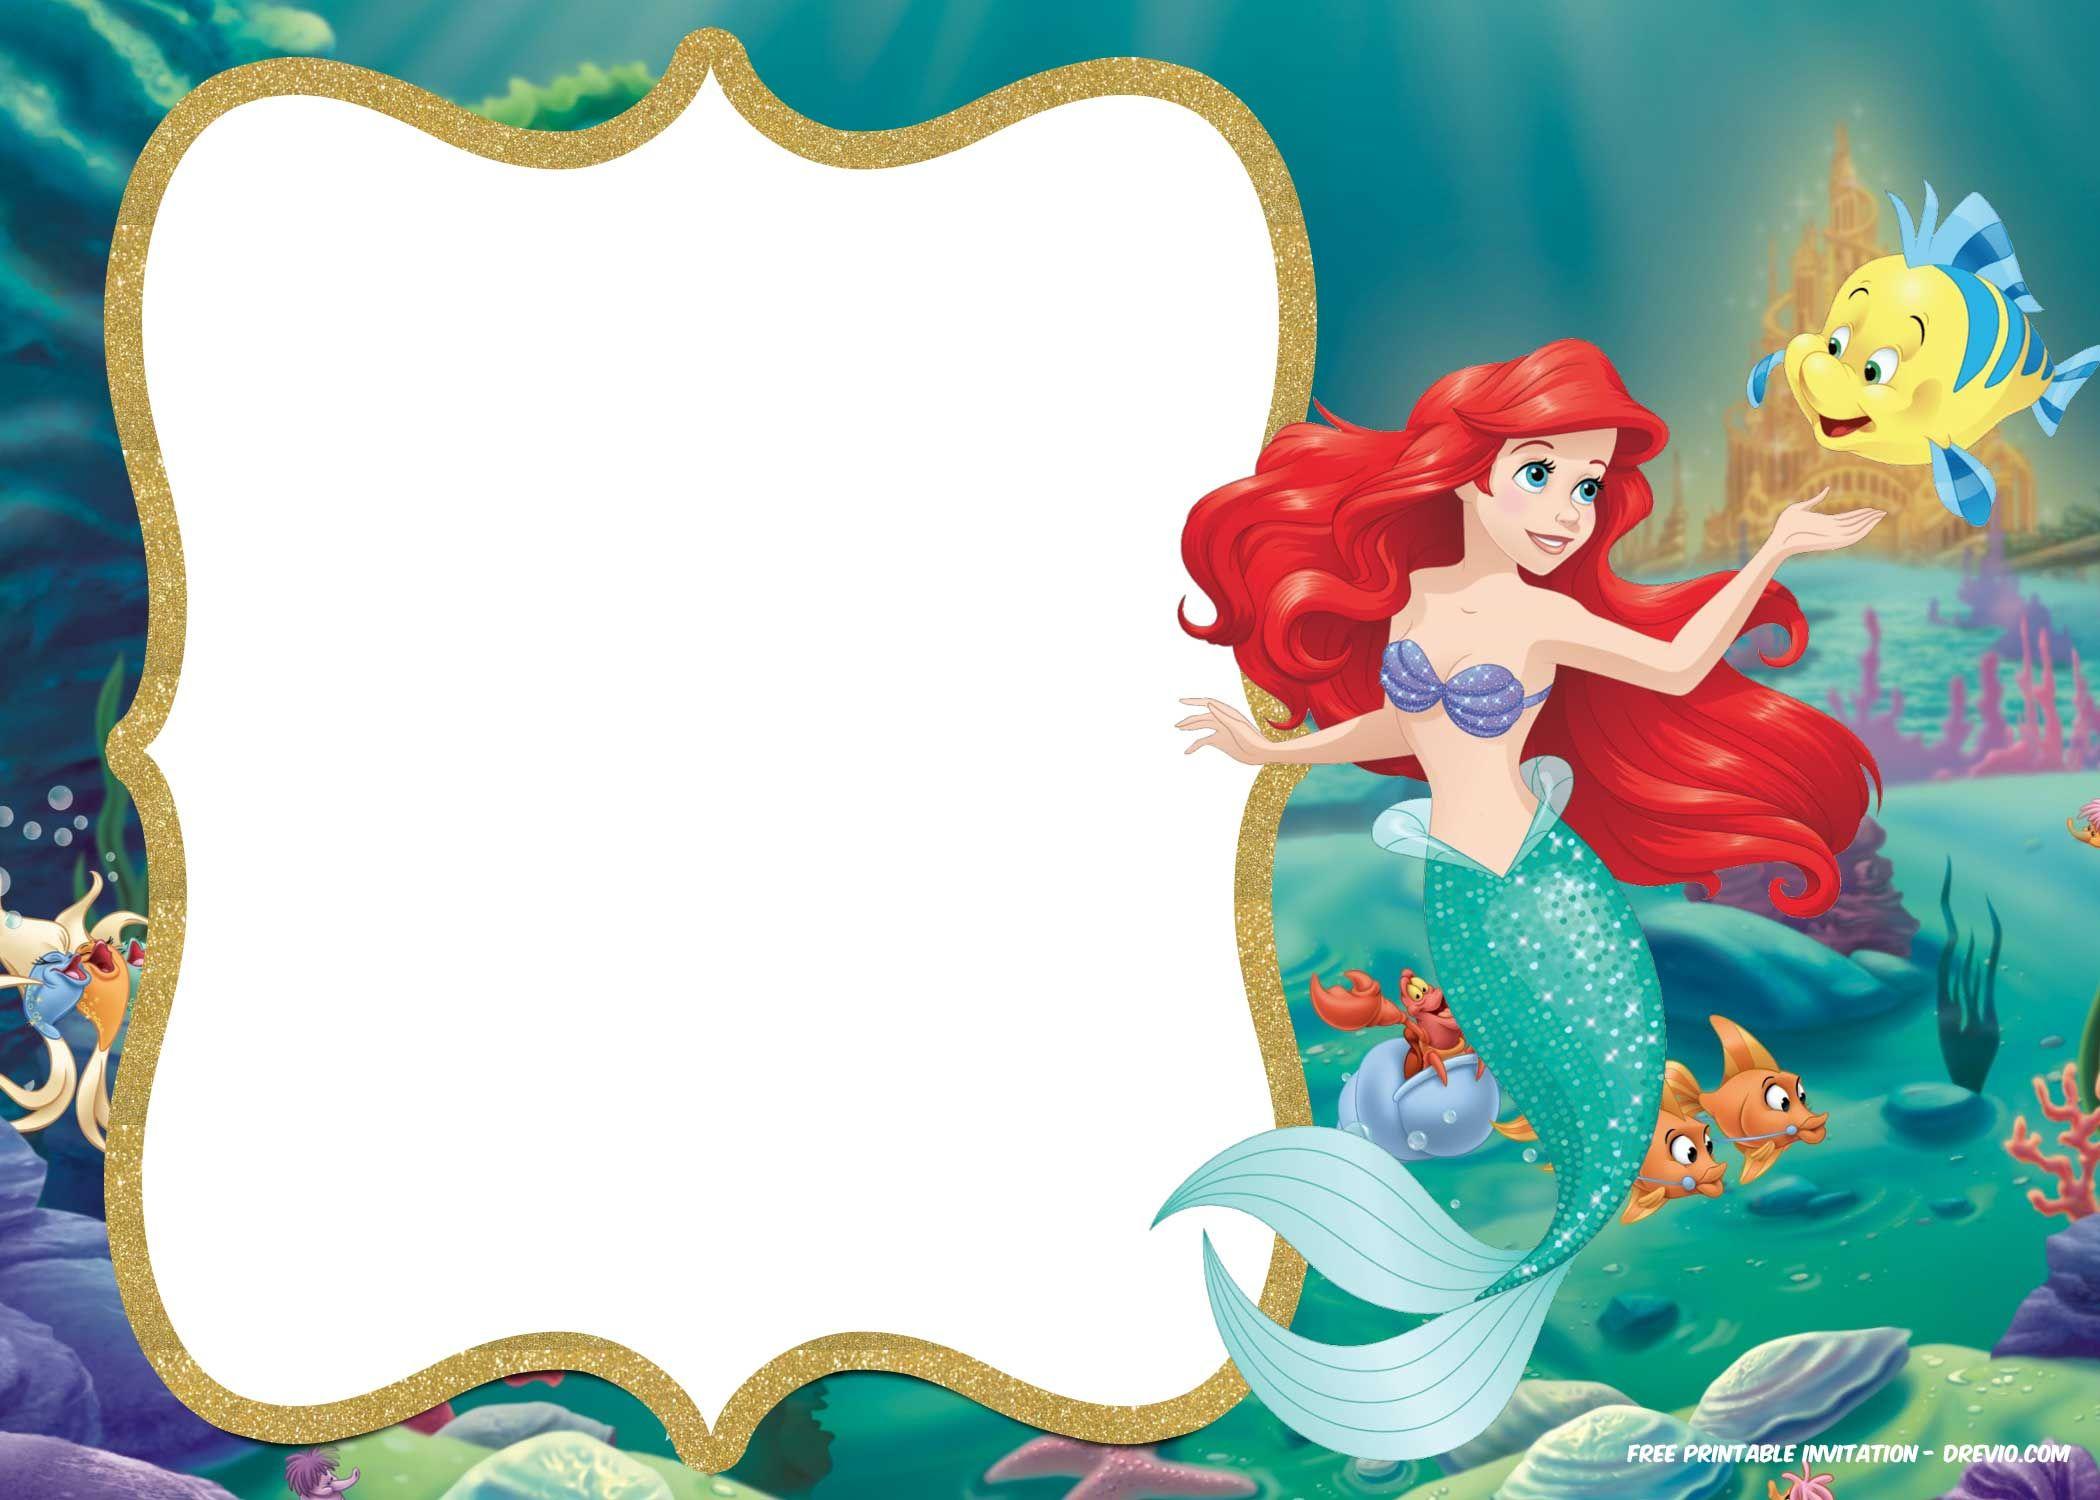 Little Mermaid Royal Invitation | Free Printable Birthday - Free Little Mermaid Printable Invitations